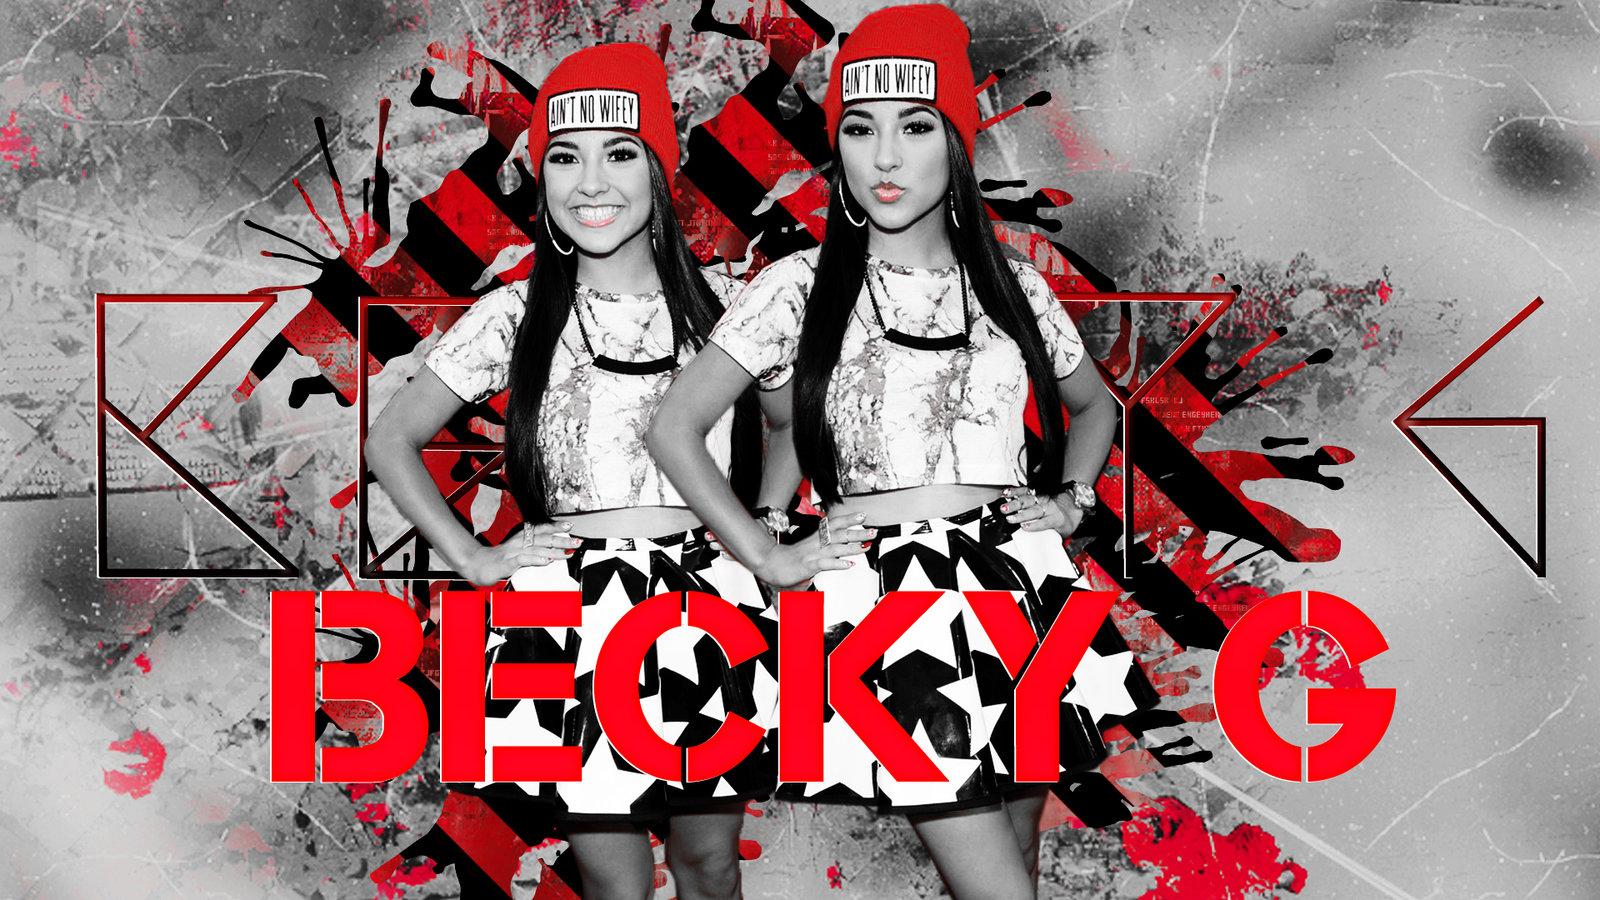 Wallpaper Becky G by LittleLolitaCute 1600x900